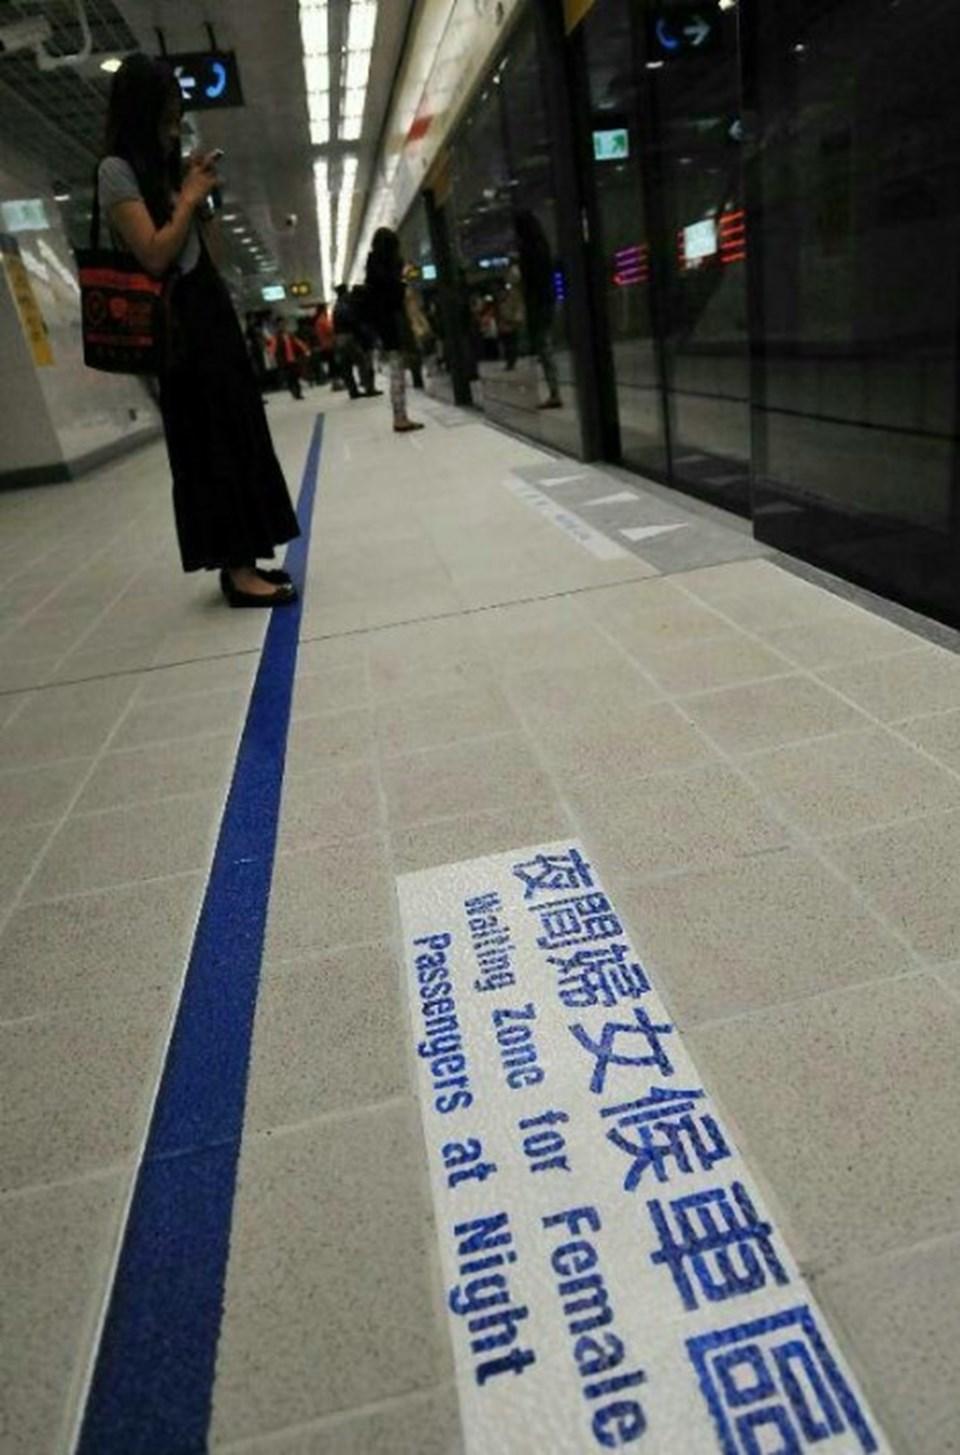 Tayvan'daki duraklarda, kadınların bekleme yerine belli bir saatten sonra erkeklerin girmesi yasak.